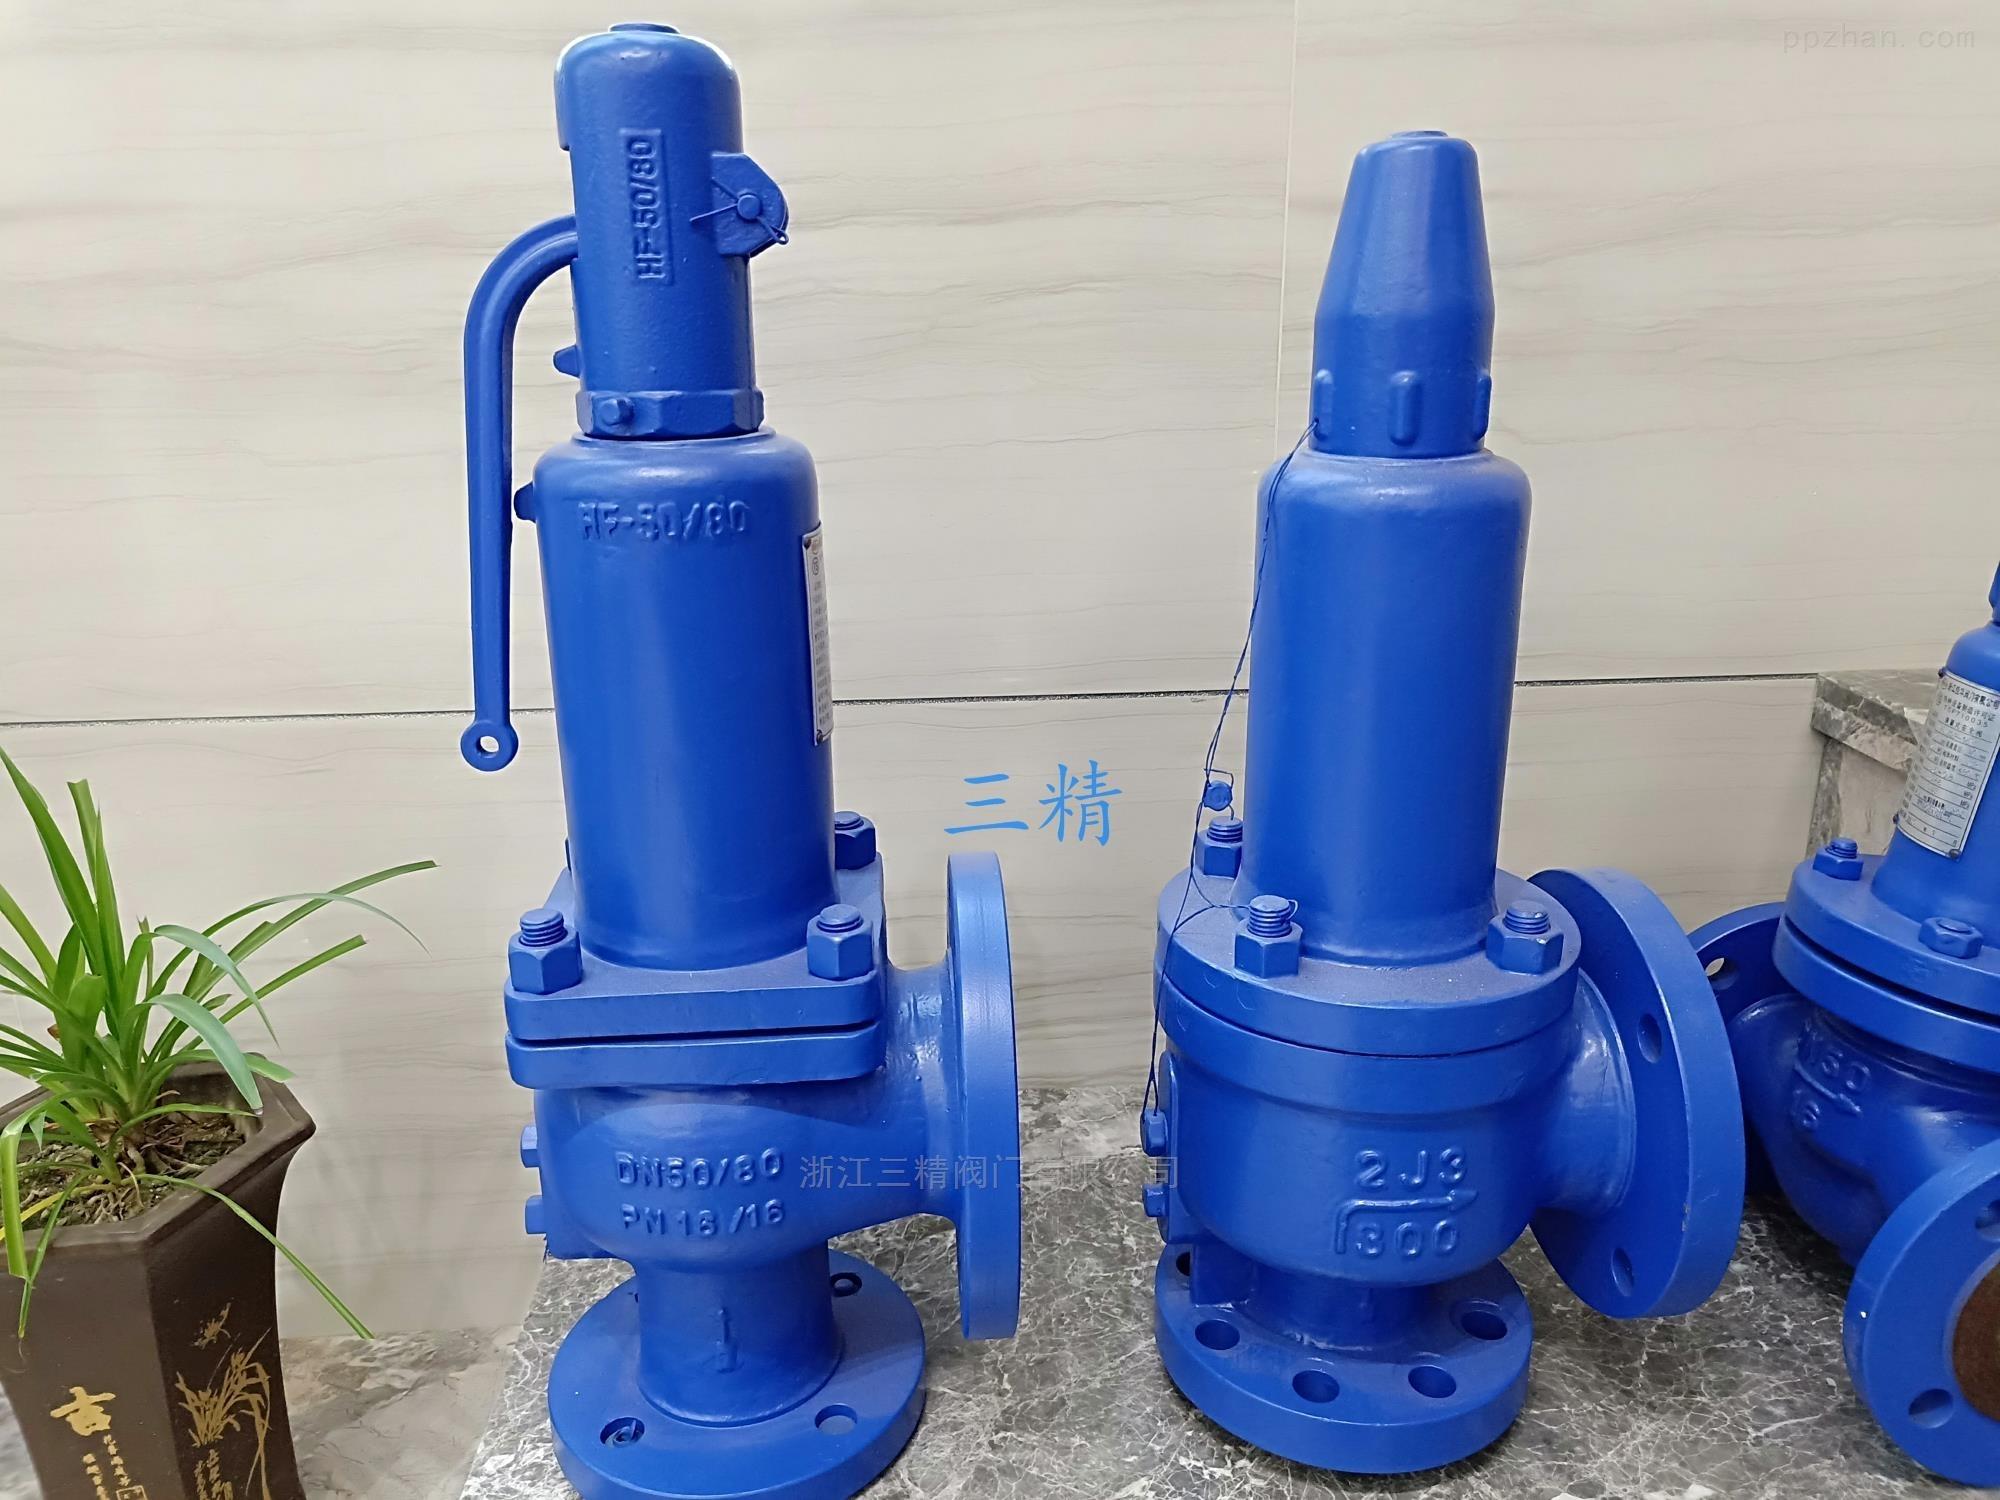 铸钢封闭式水用安全阀